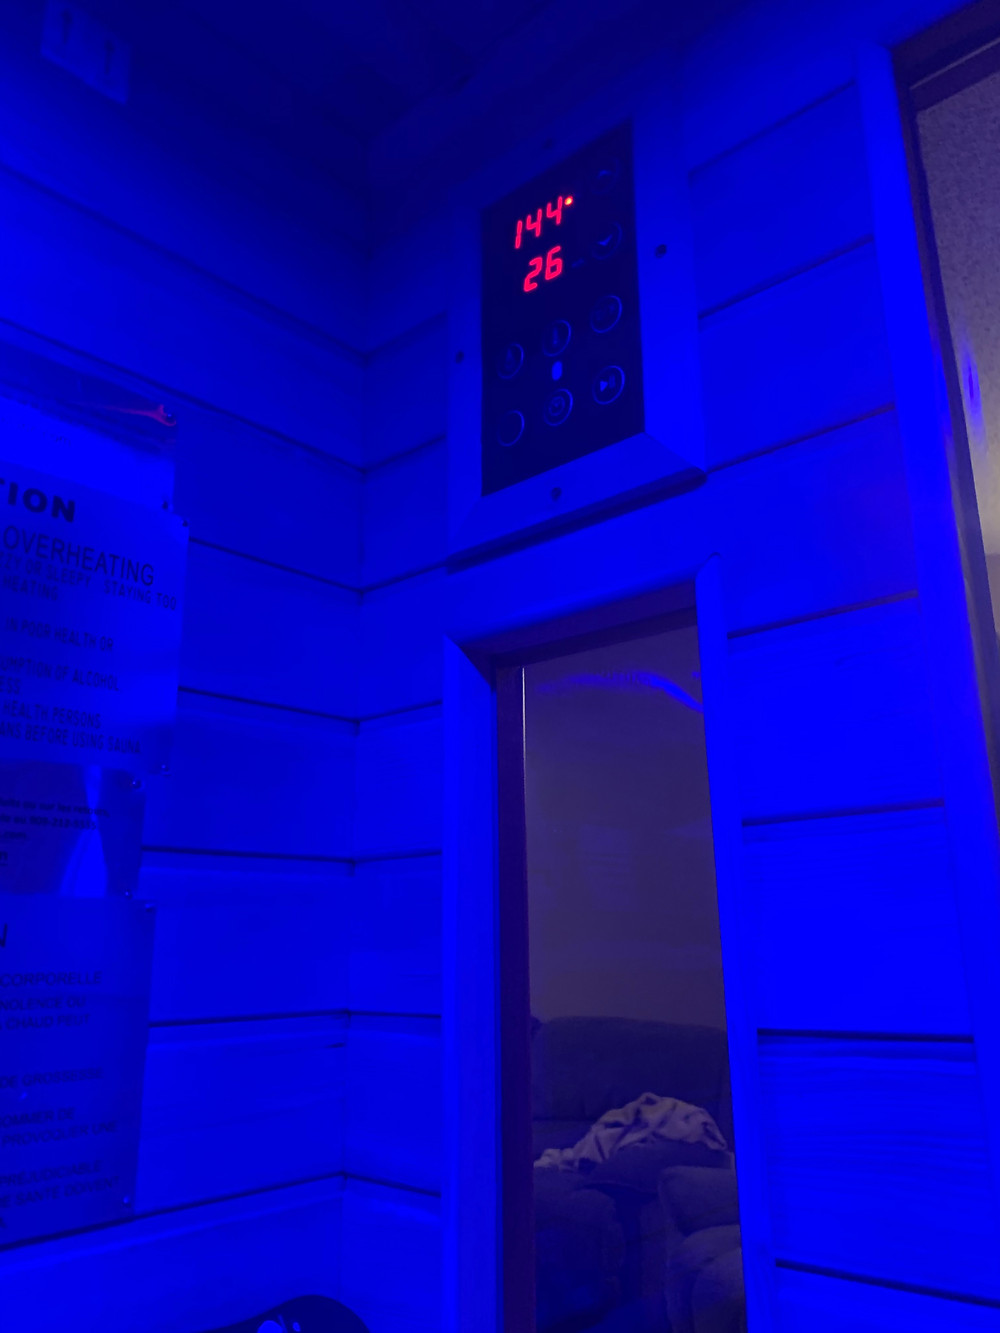 DYNAMIC SAUNAS AMZ-DYN-6106-01 Barcelona 1-2 Person Far Infrared Sauna - temperature